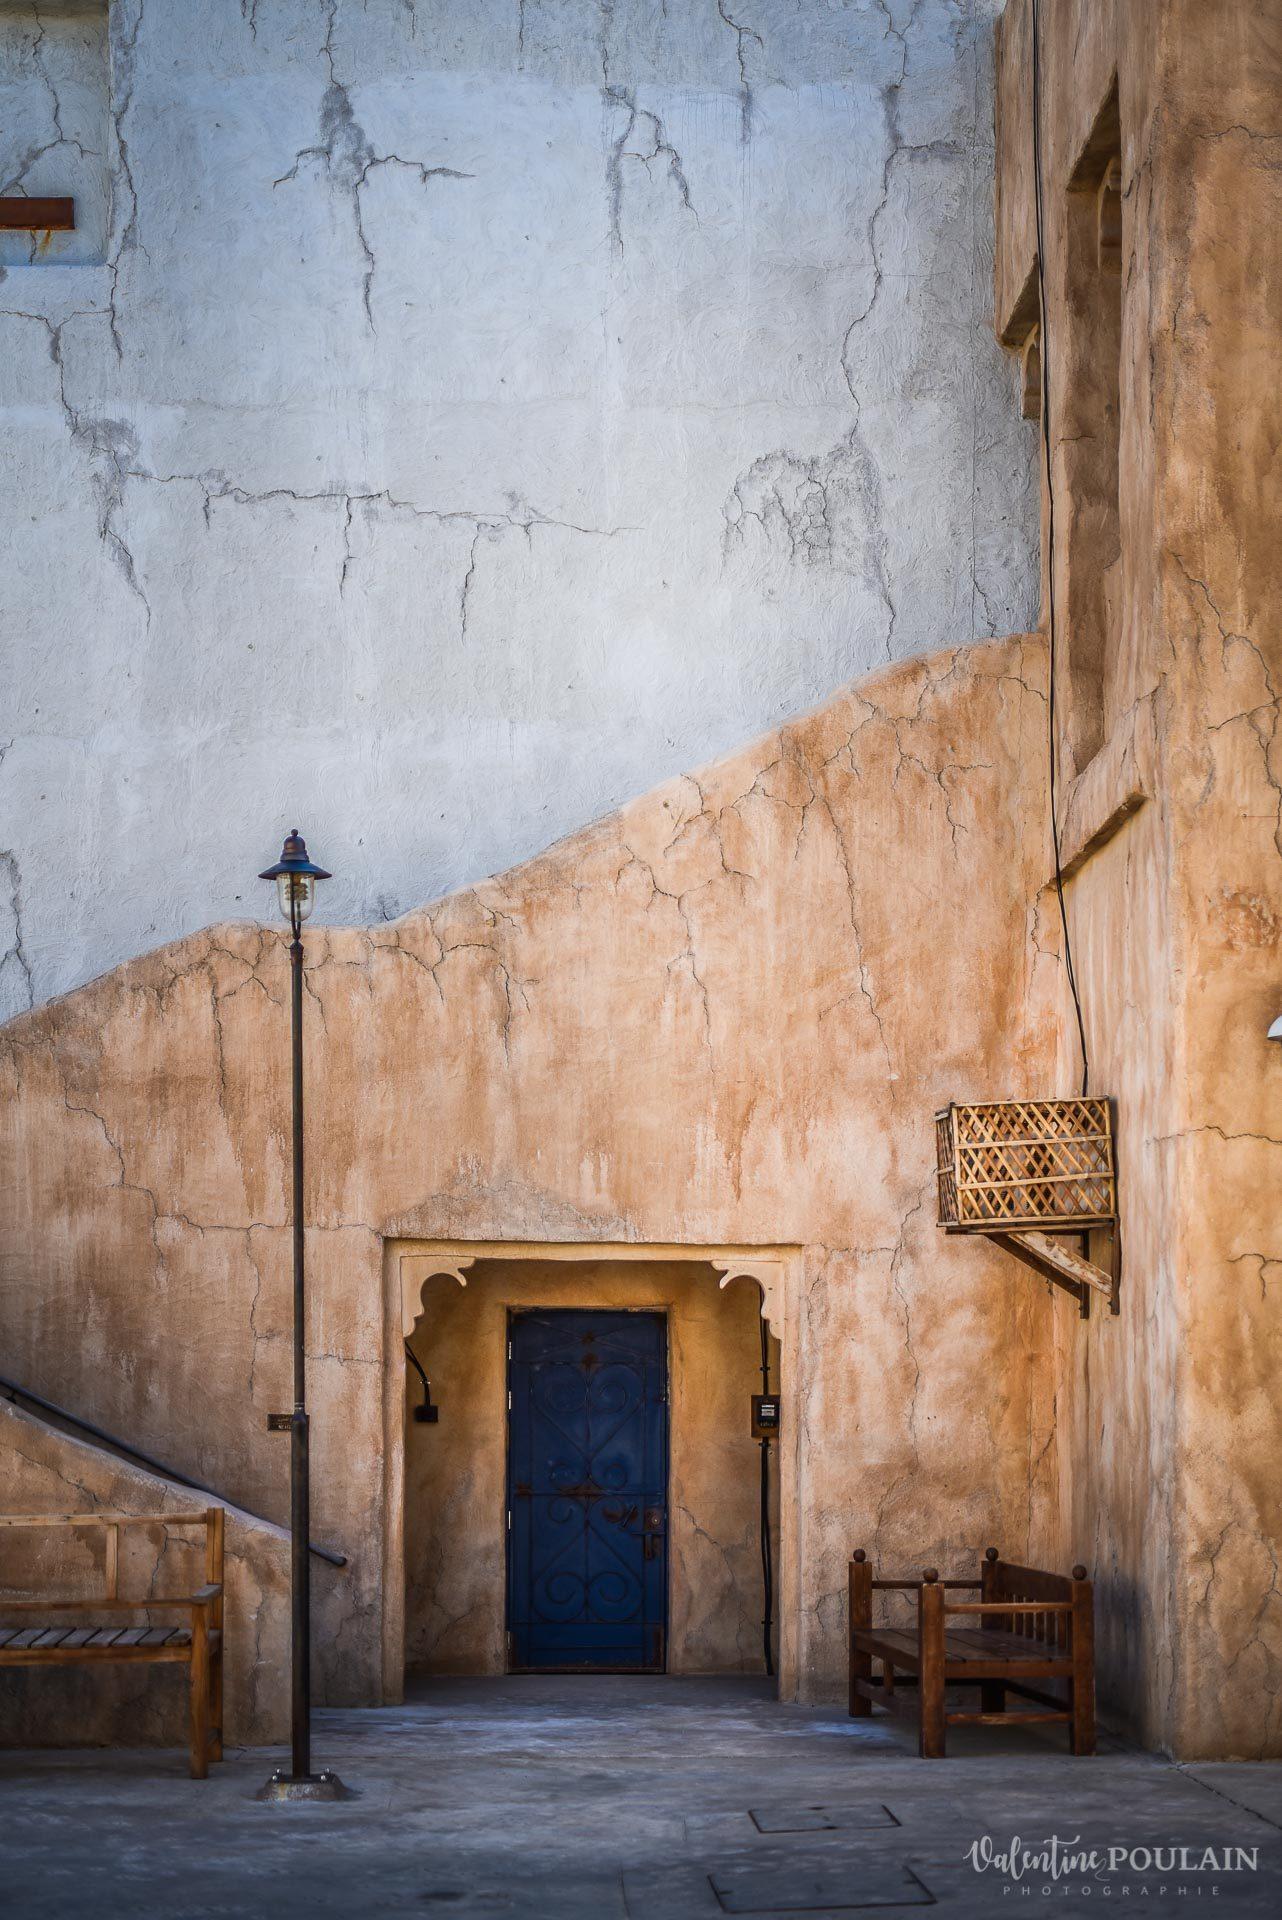 Dubaï Valentine Poulain mur